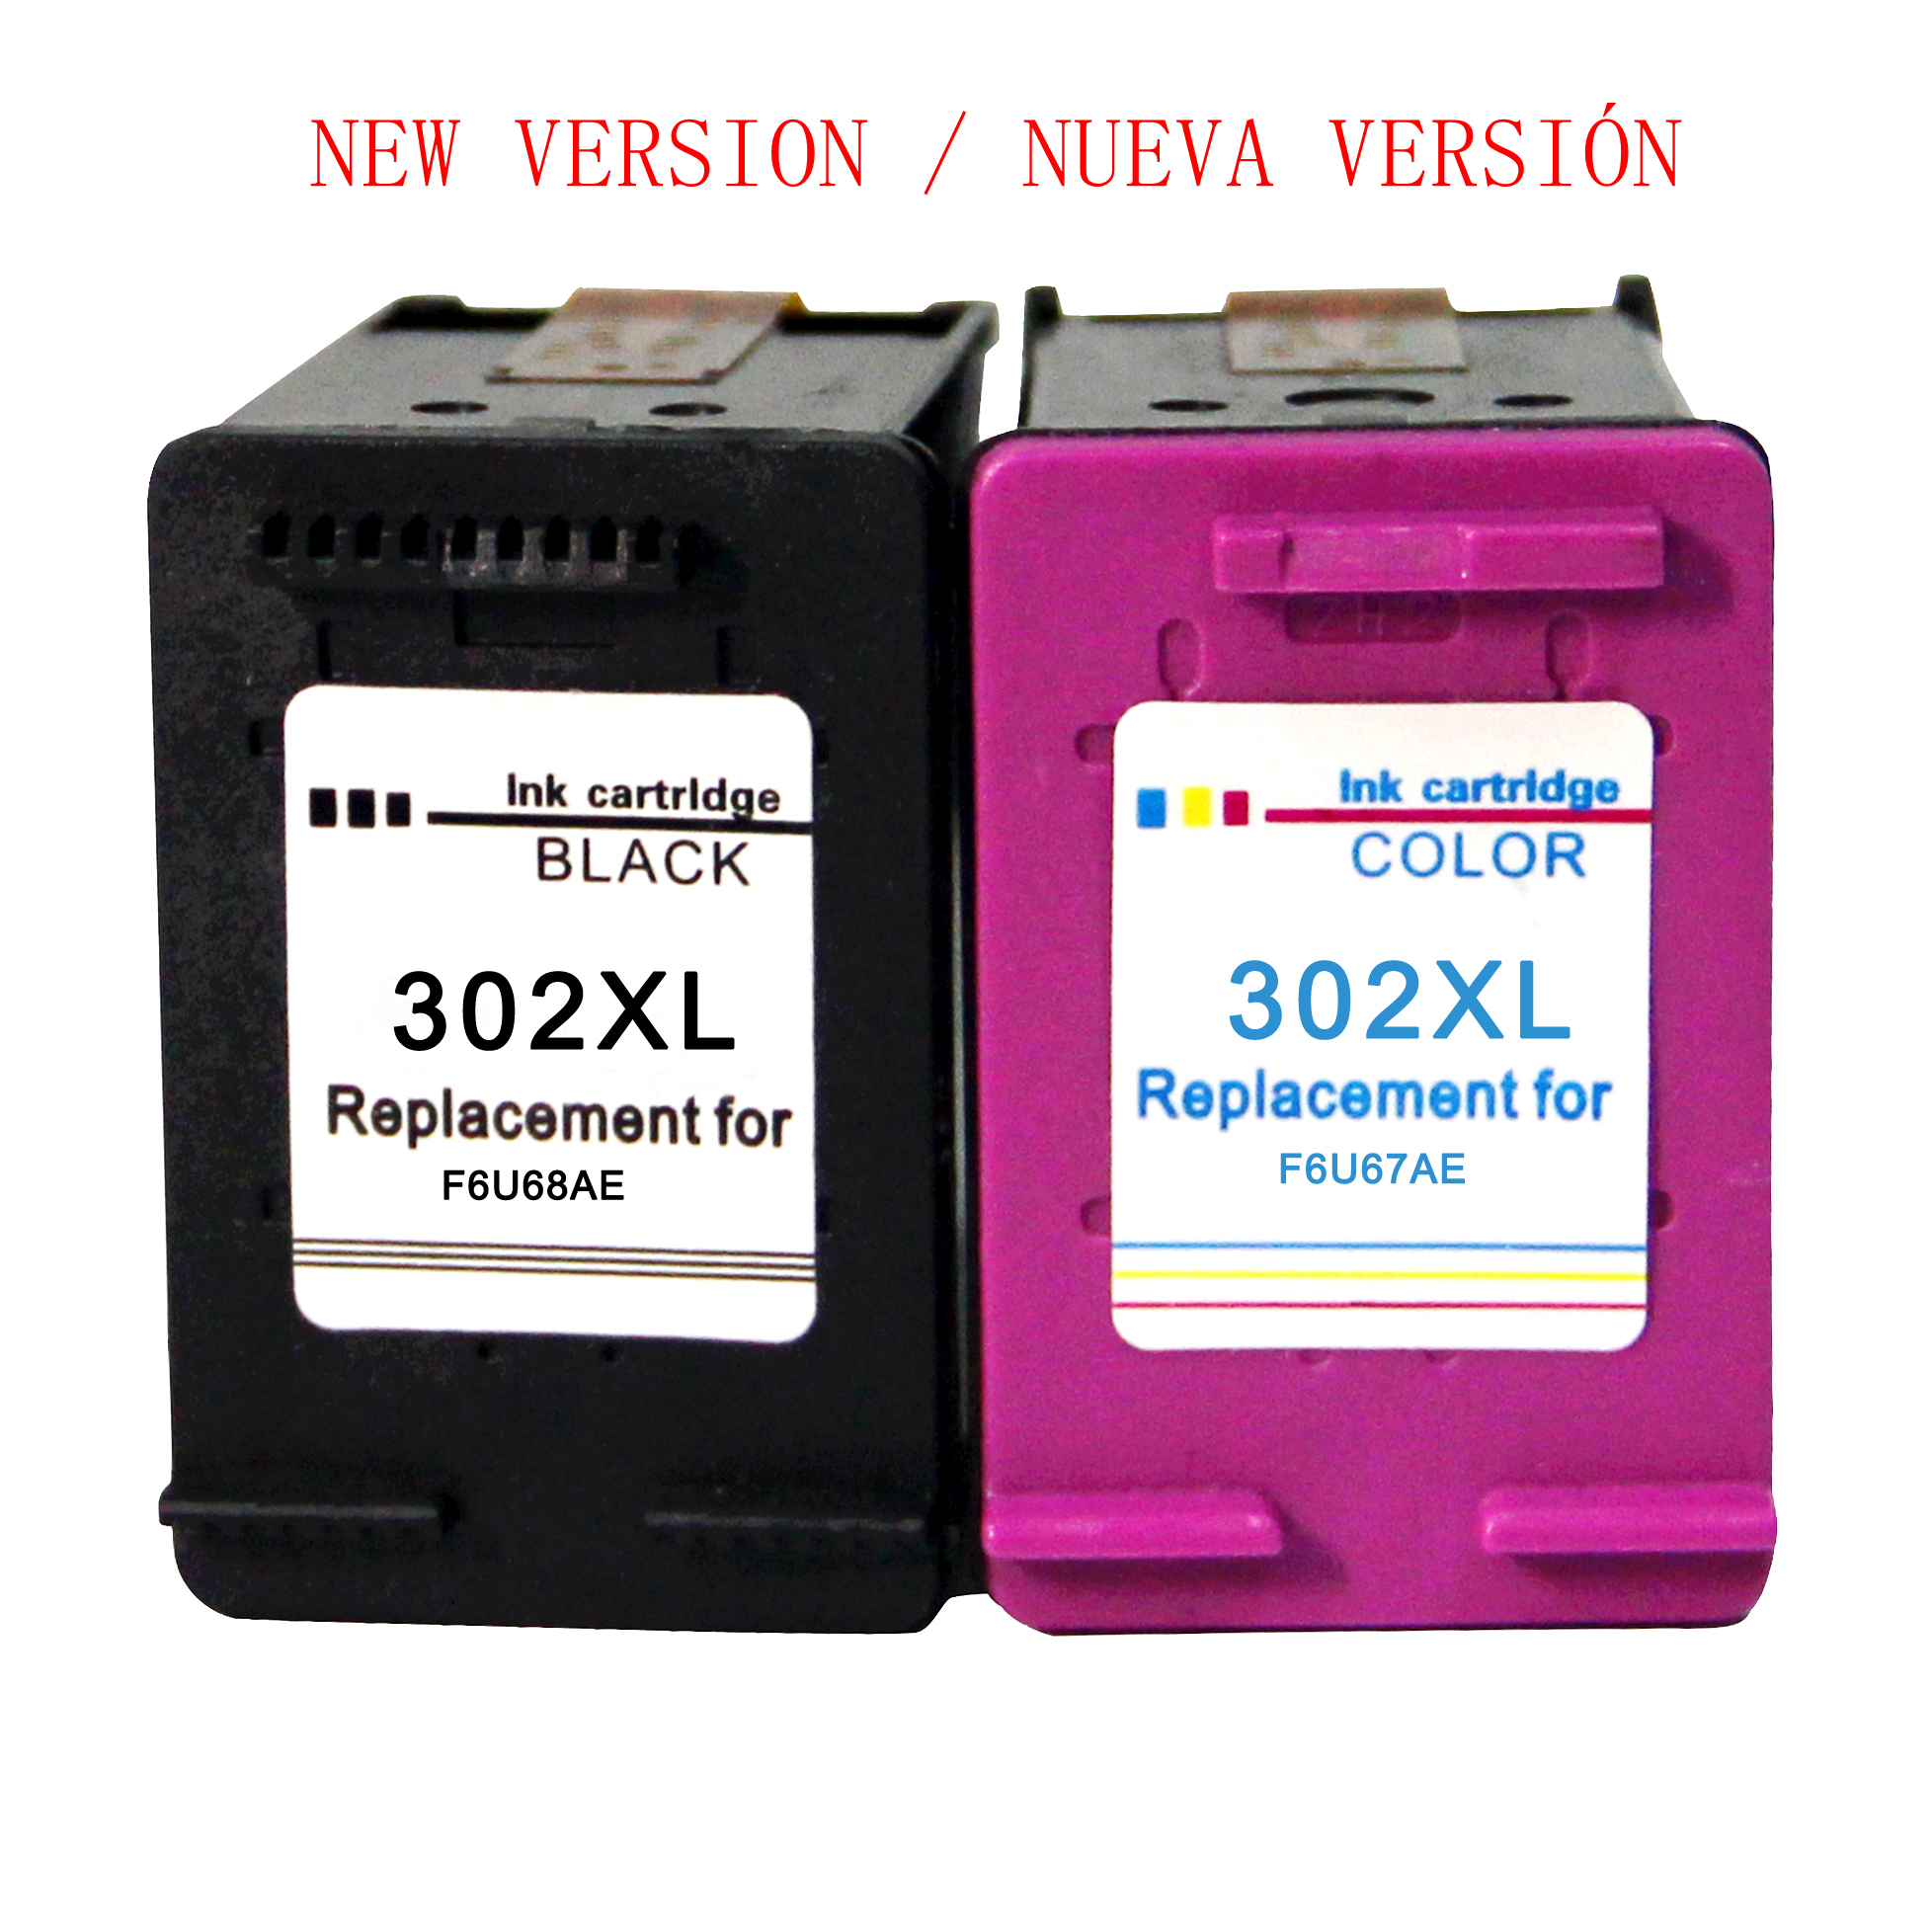 Compatible 302XL Ink Cartridges For HP 302 For HP OfficeJet 5220 5222 5230 5232 3831 3833 Envy 4520 4524 DeskJet 3639